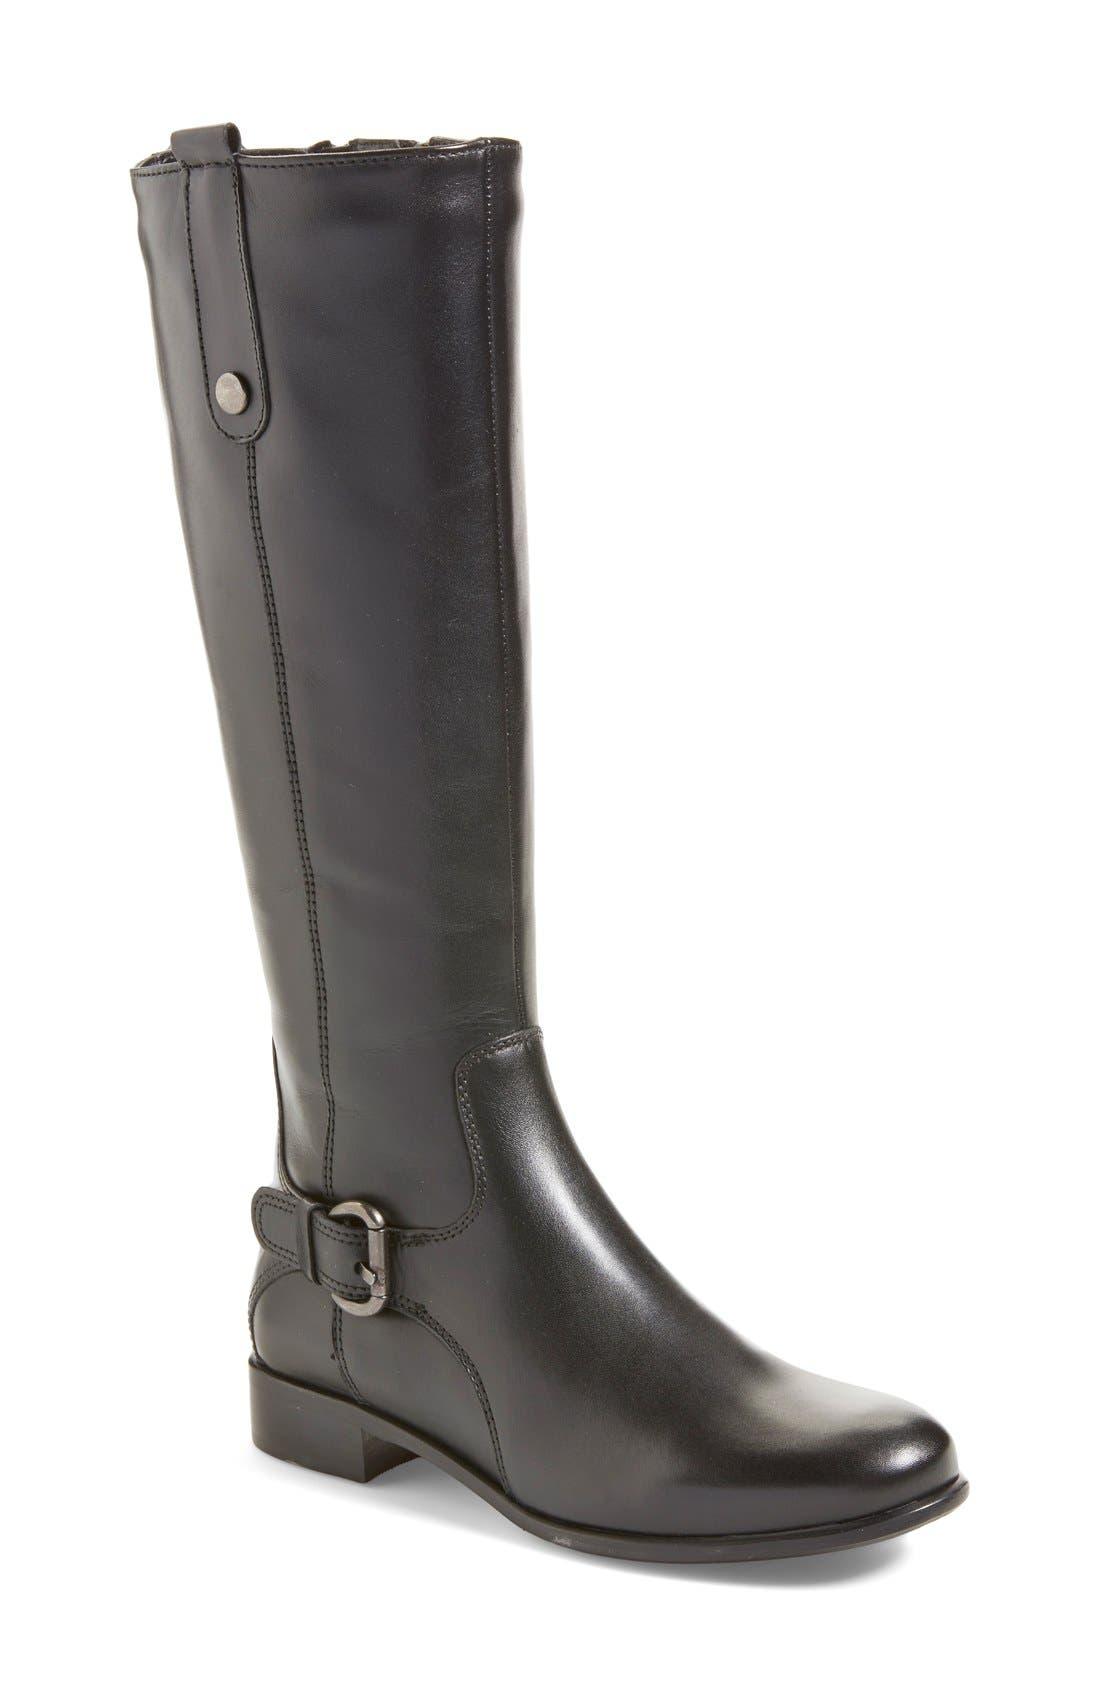 Alternate Image 1 Selected - La Canadienne 'Stefanie' Waterproof Boot (Women)